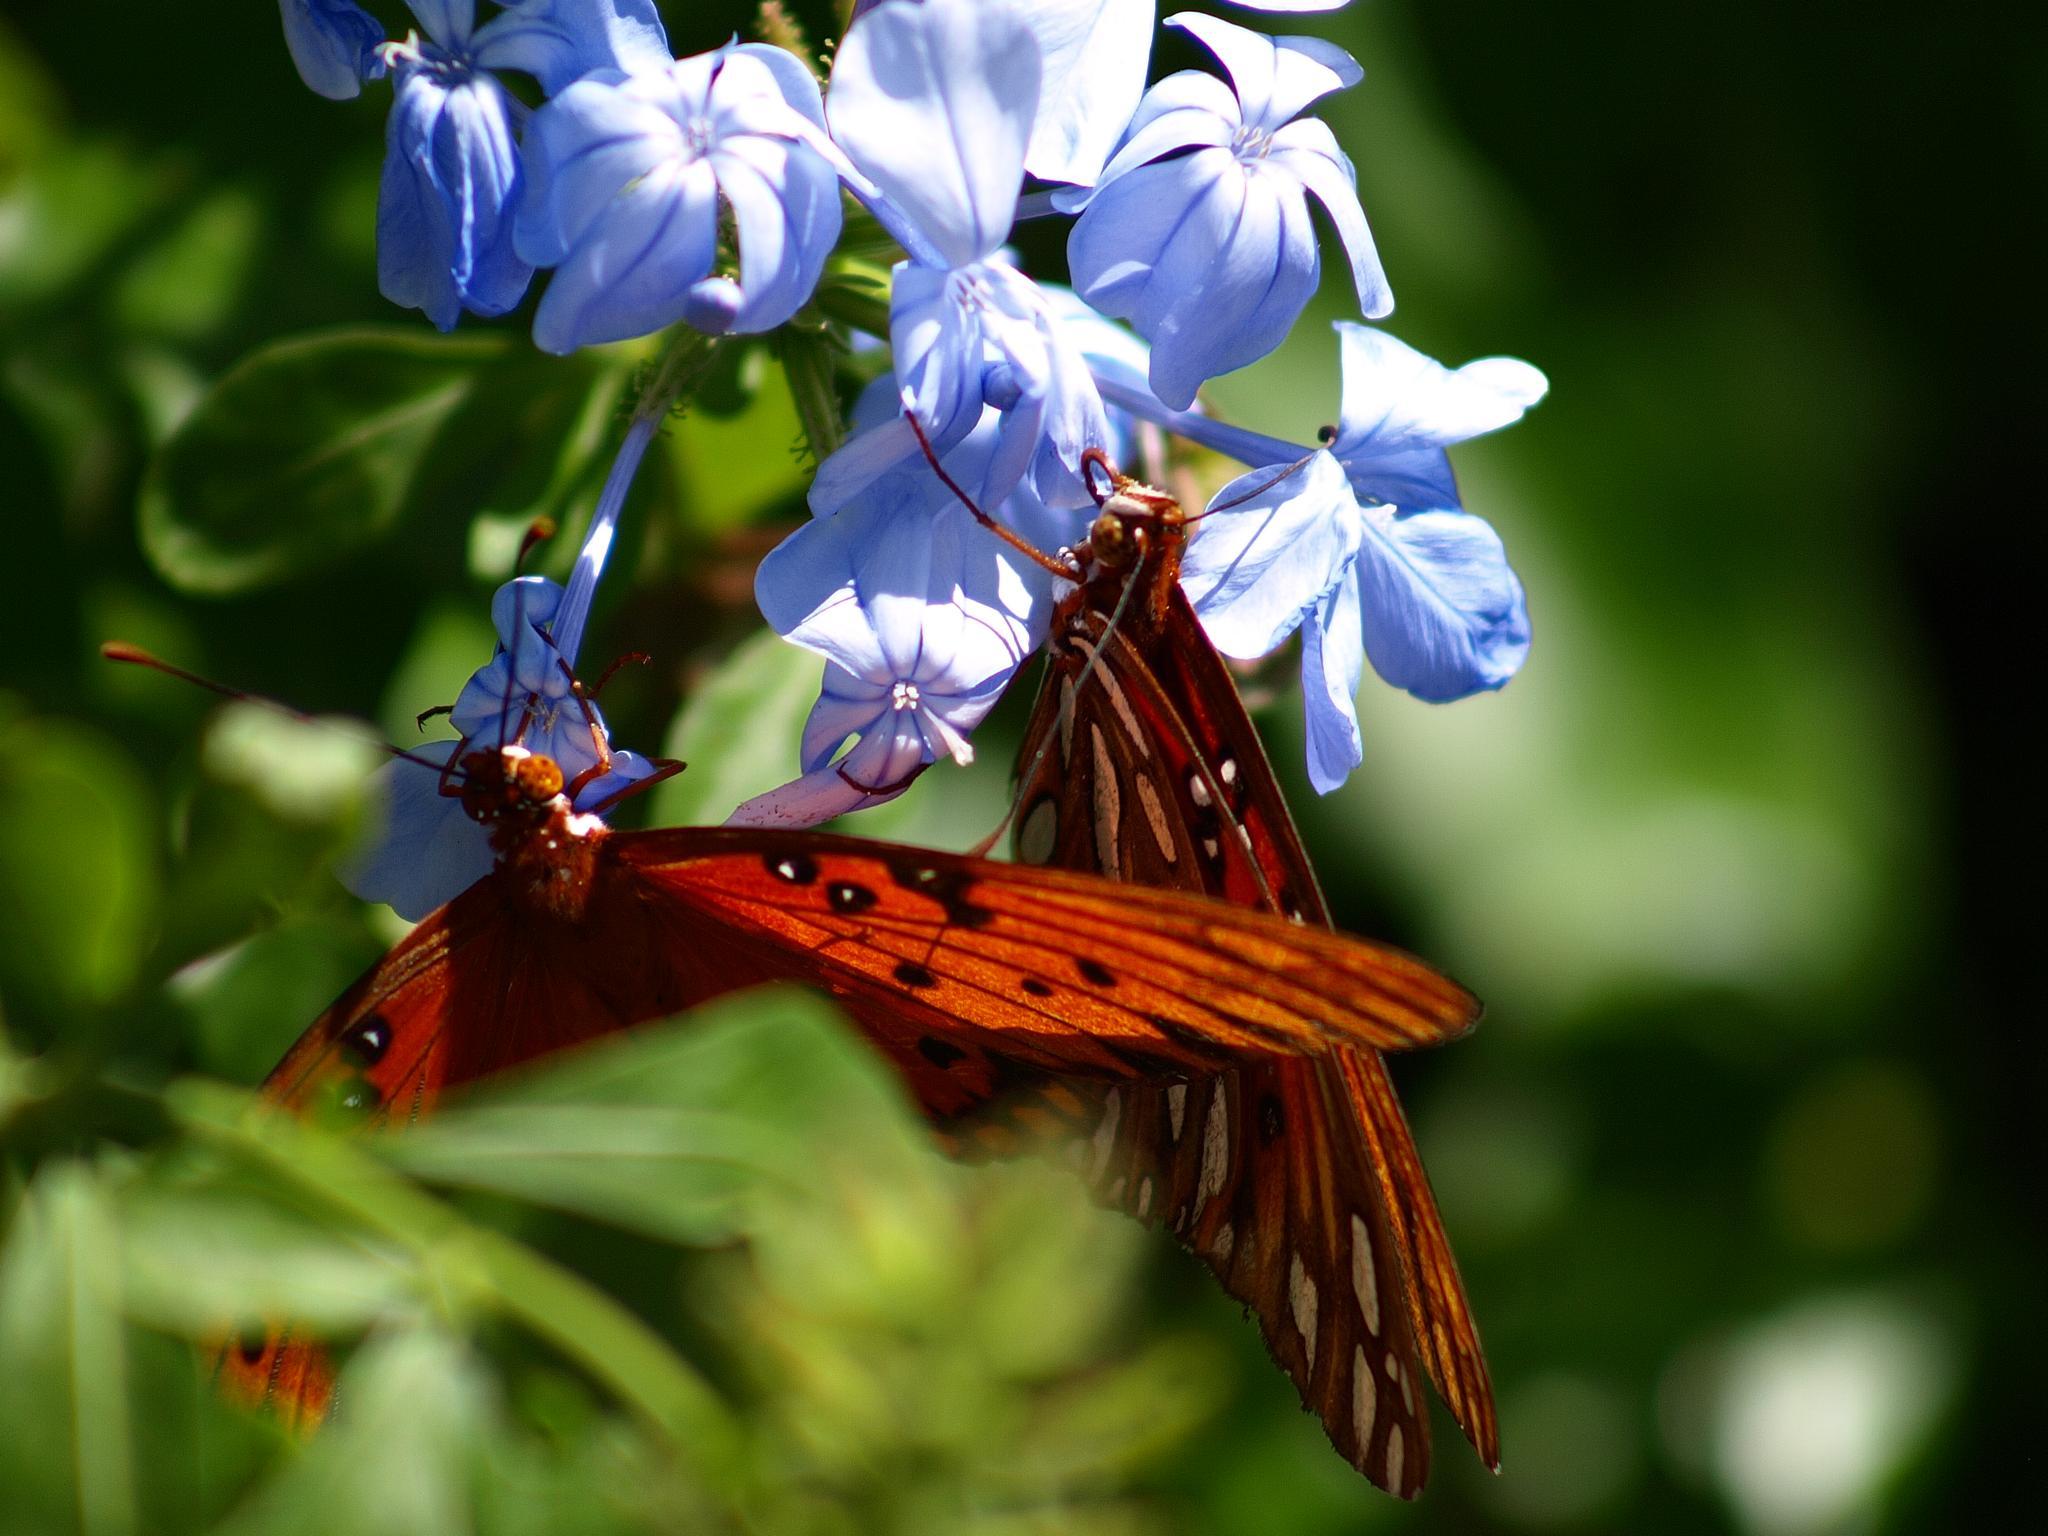 Gulf Fritillary butterflies by asbelleview